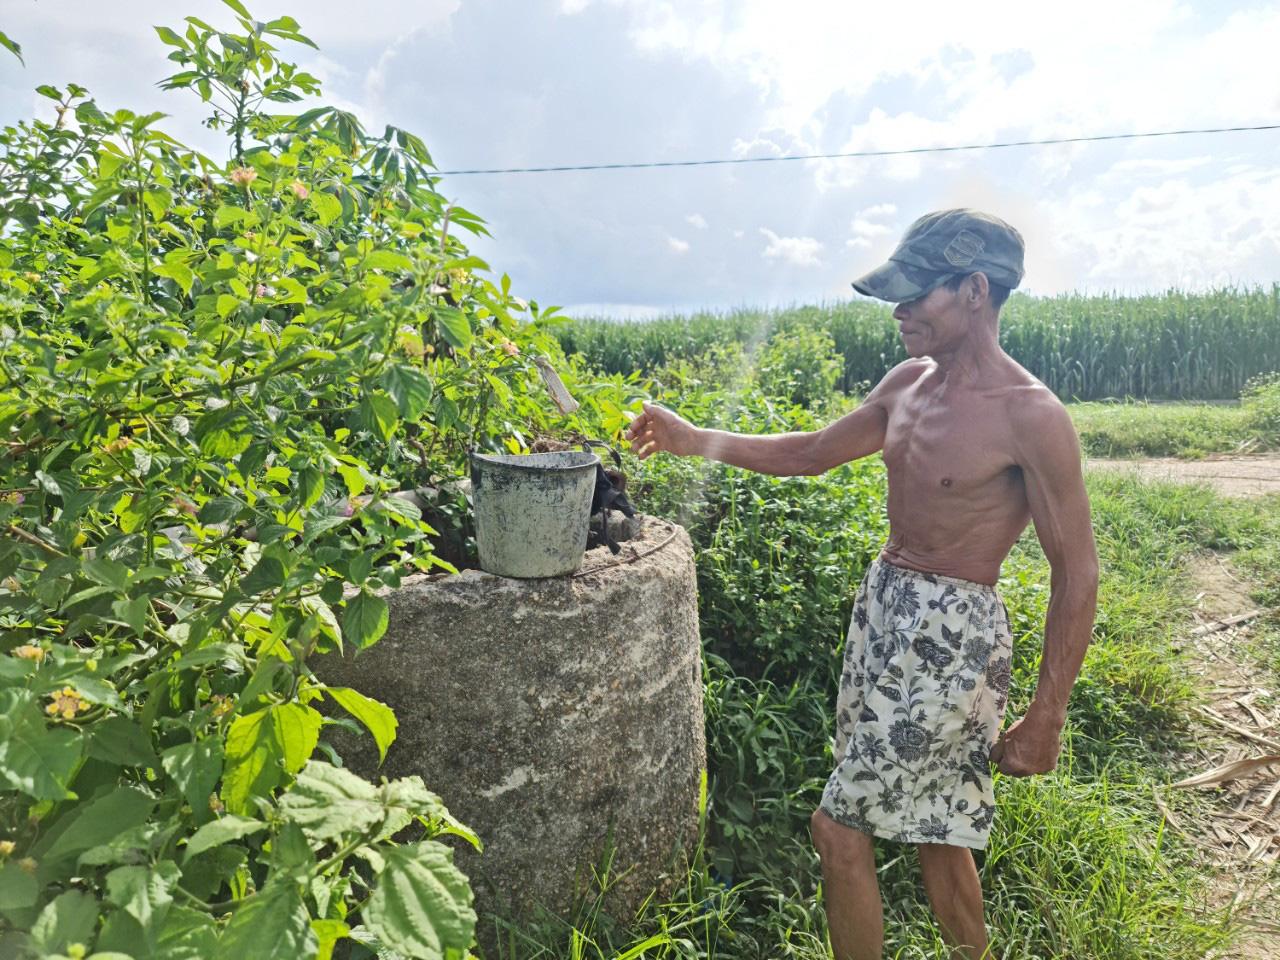 Quảng Nam: Kênh thủy lợi hàng trăm triệu đồng chỉ để chứa rác, trồng cỏ cho bò - Ảnh 7.